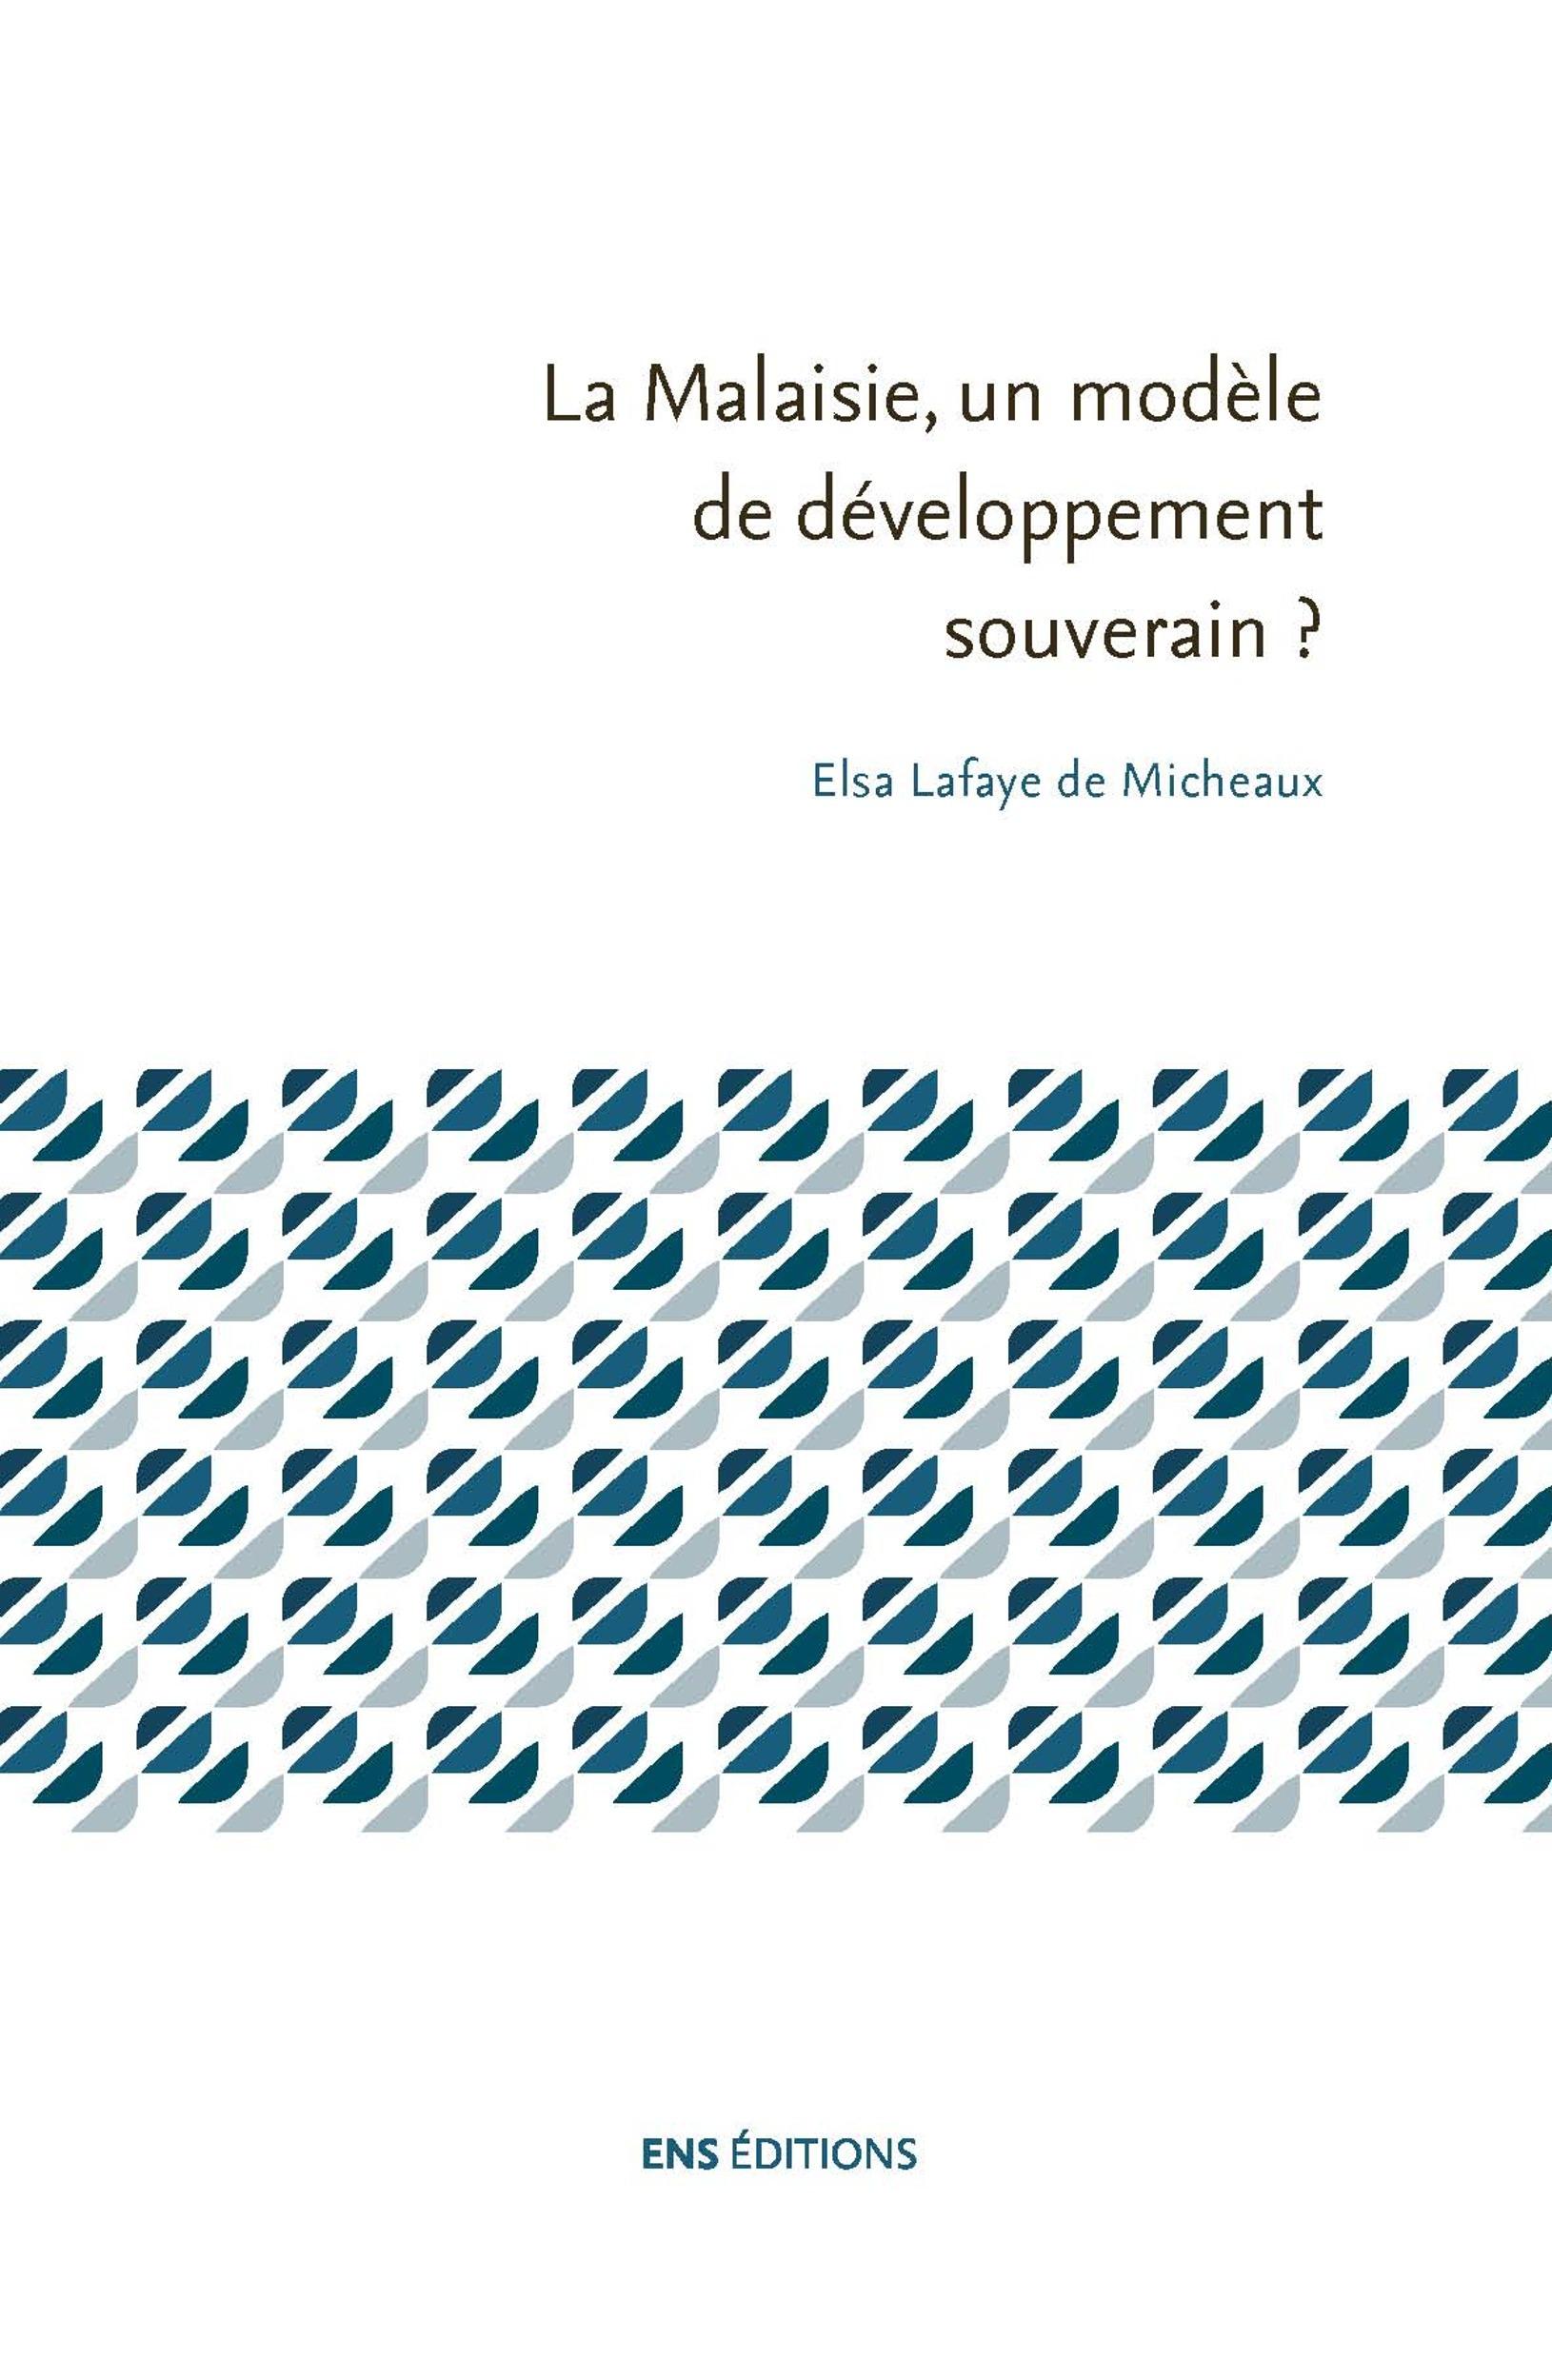 Elsa Lafaye de Micheaux La Malaisie, un modèle de développement souverain?